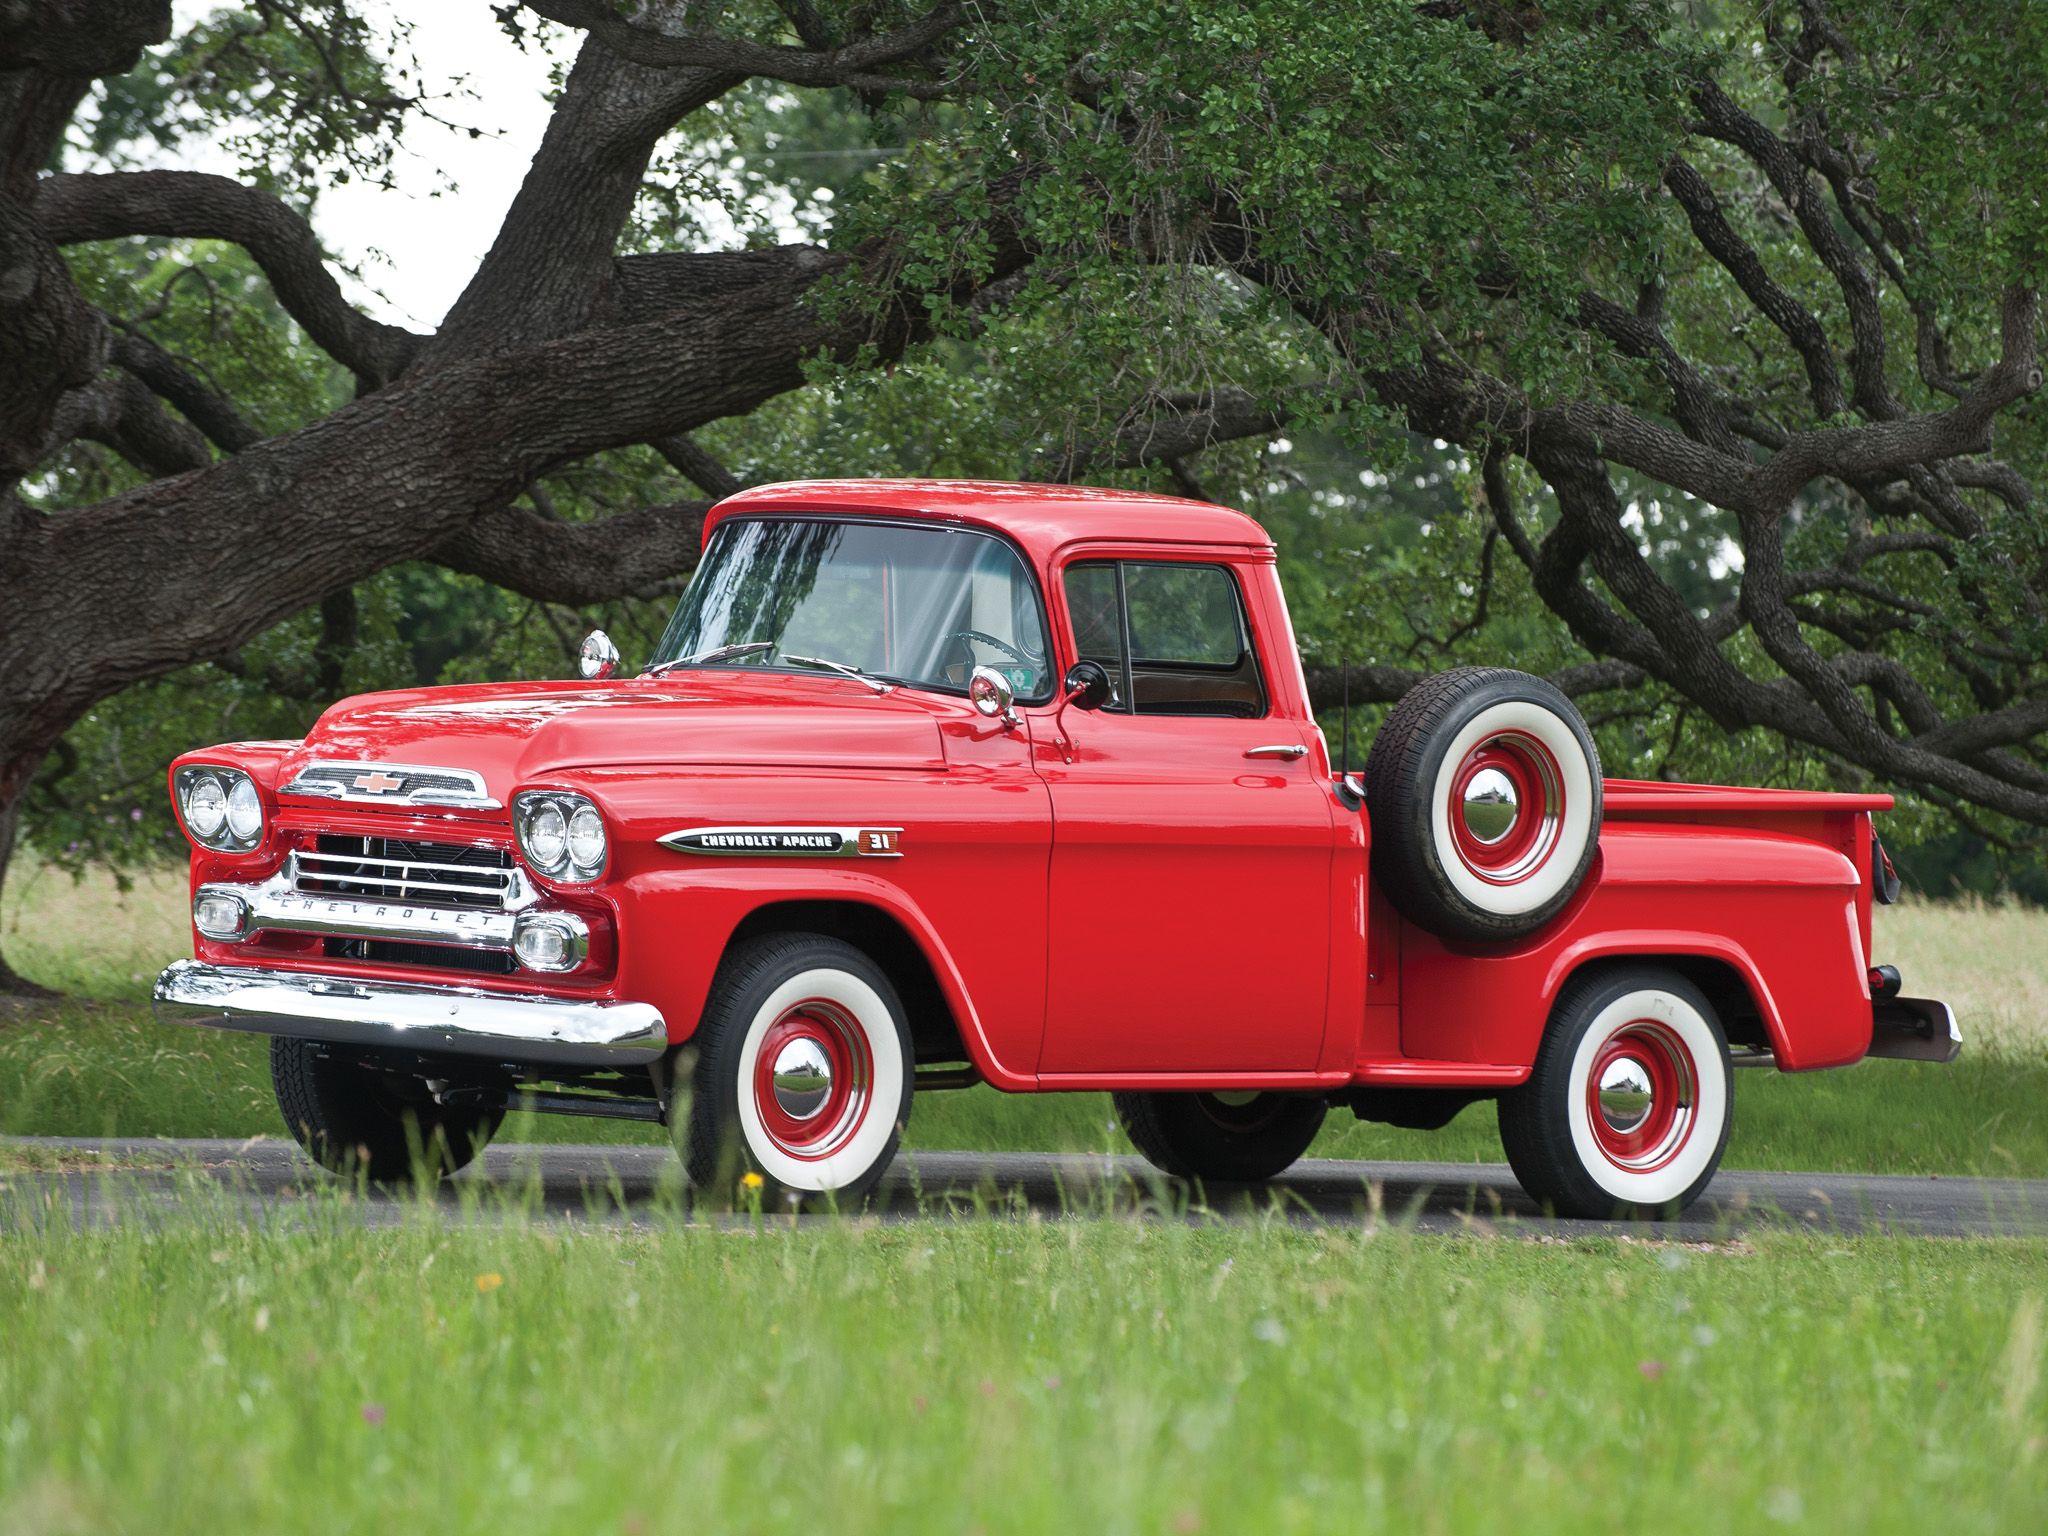 1958 chevy apache 3100 stepside | Chevrolet Apache 31 Stepside ...